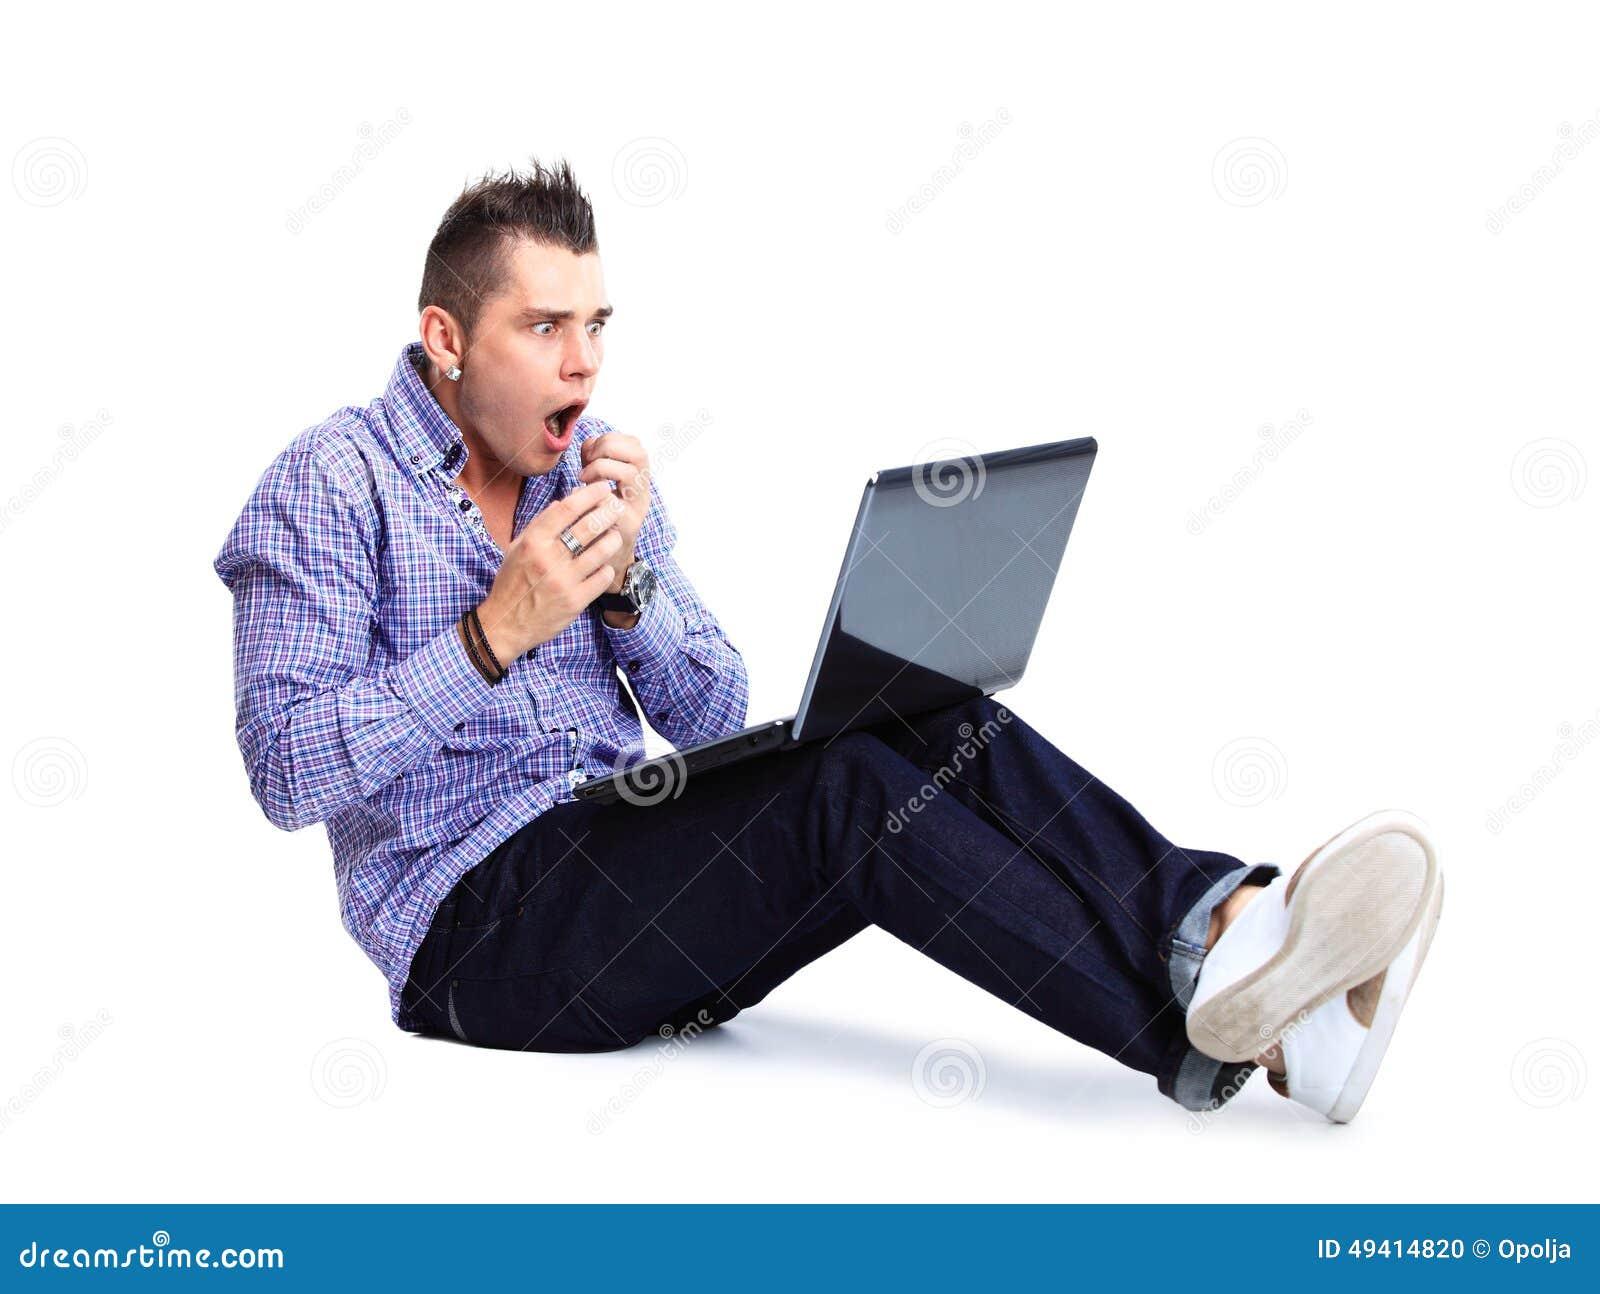 Download Porträt Des Glücklichen Mannes Arbeitend An Laptop In Zufälligem Stockfoto - Bild von platz, erwachsener: 49414820